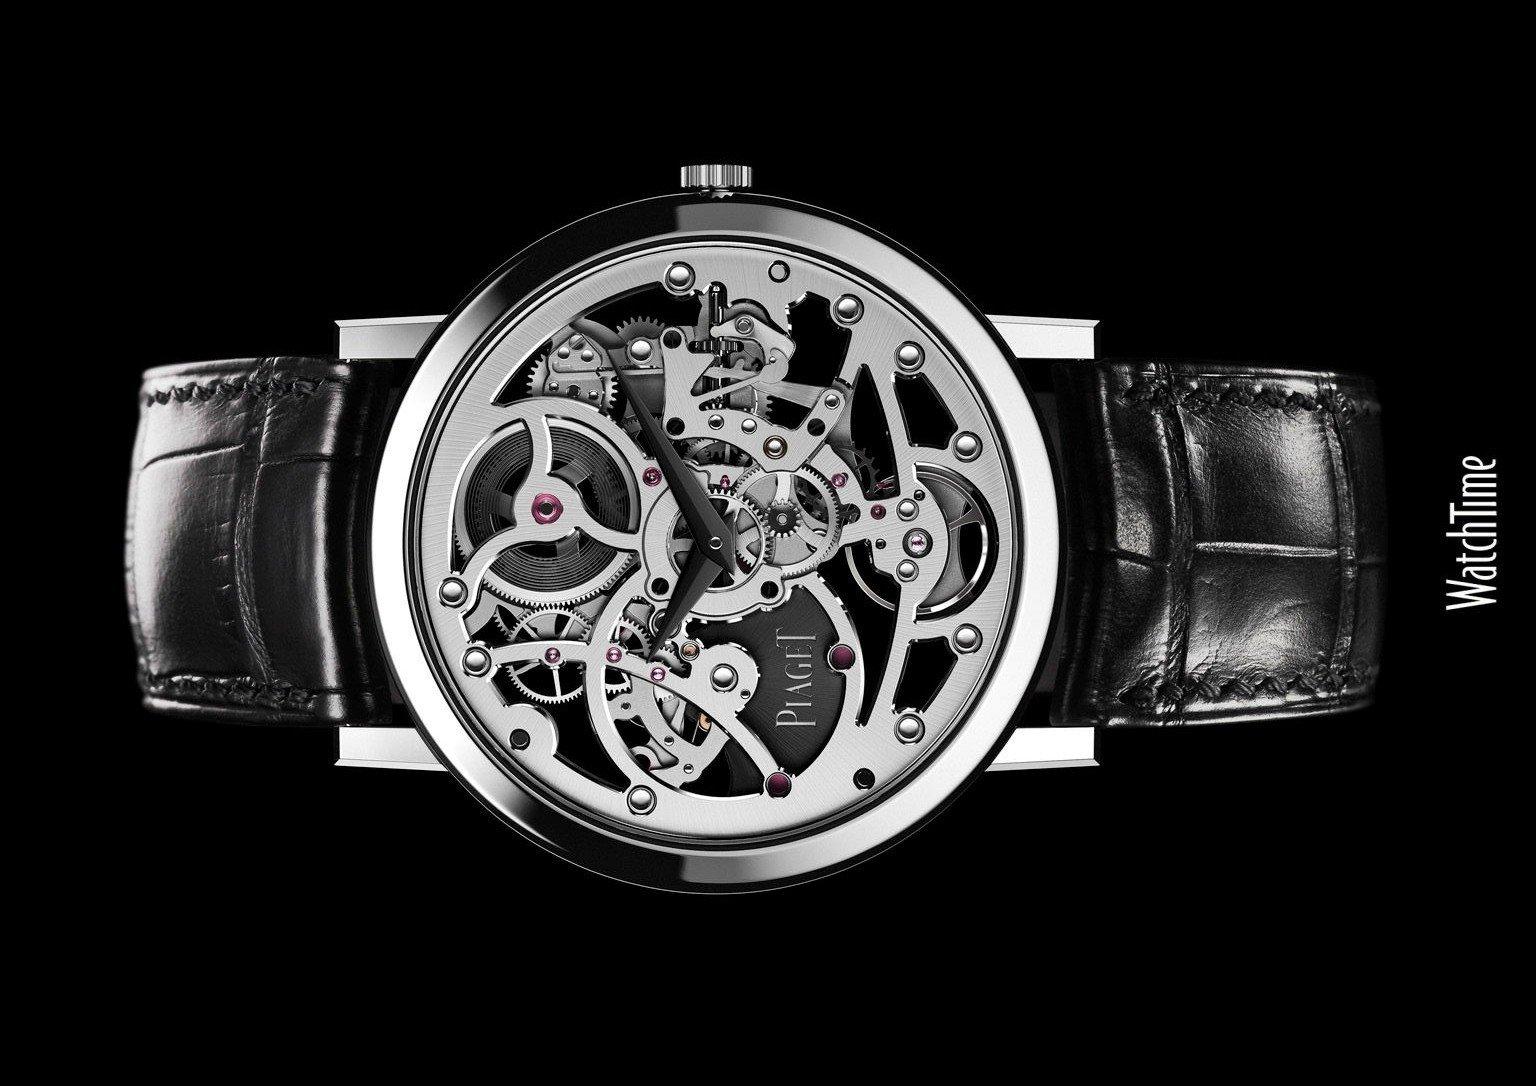 Wallpaper Luxury Watches Watch 1536x1086 Wallbase 1328063 Hd Wallpapers Wallhere